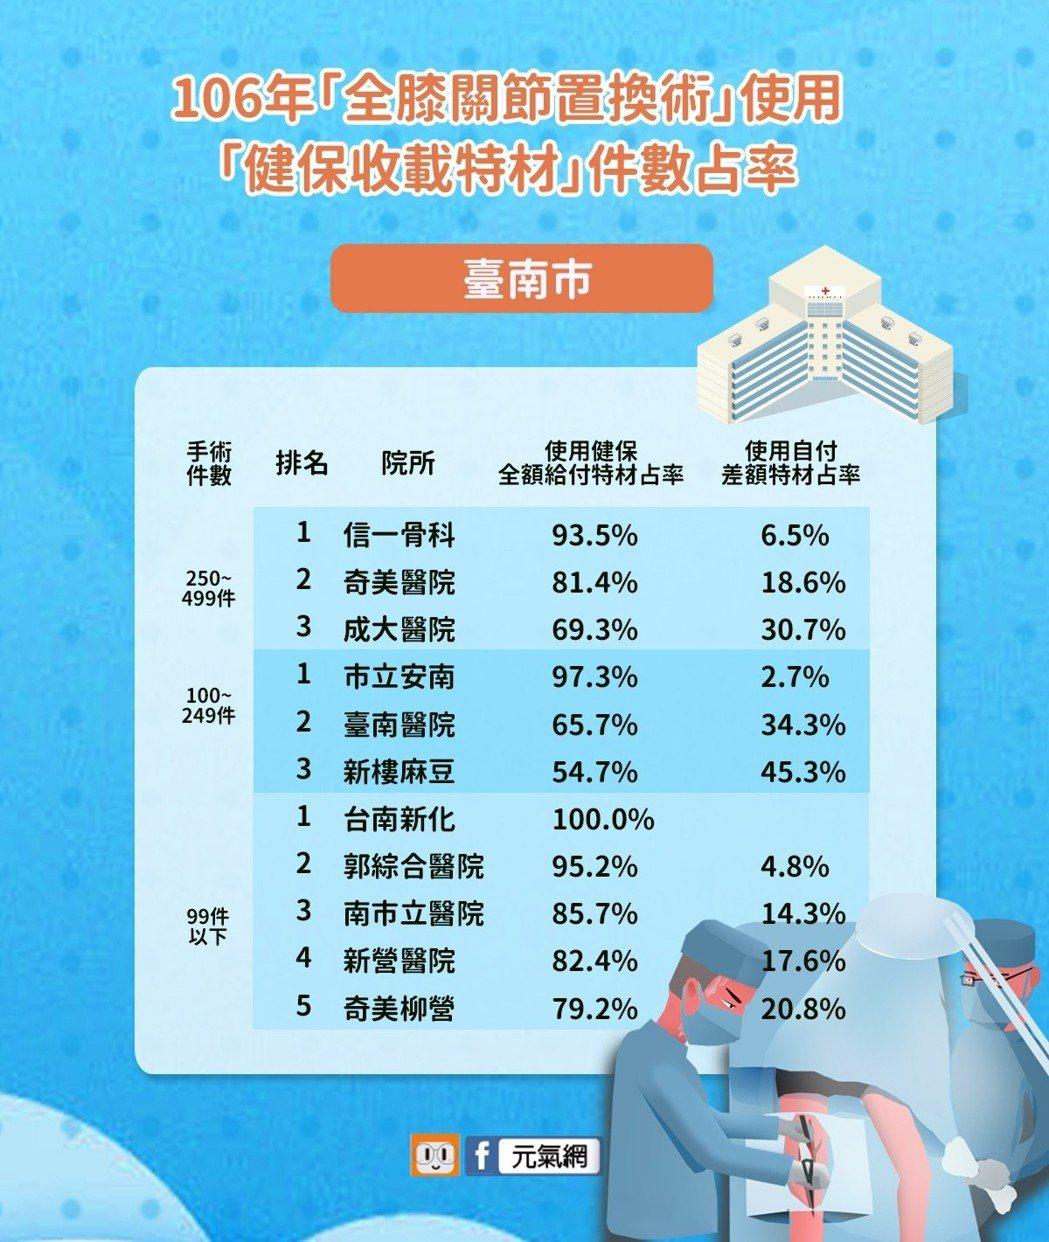 106年「全膝關節置換術」使用「健保收載特材」臺南市件數占率。製圖/元氣網